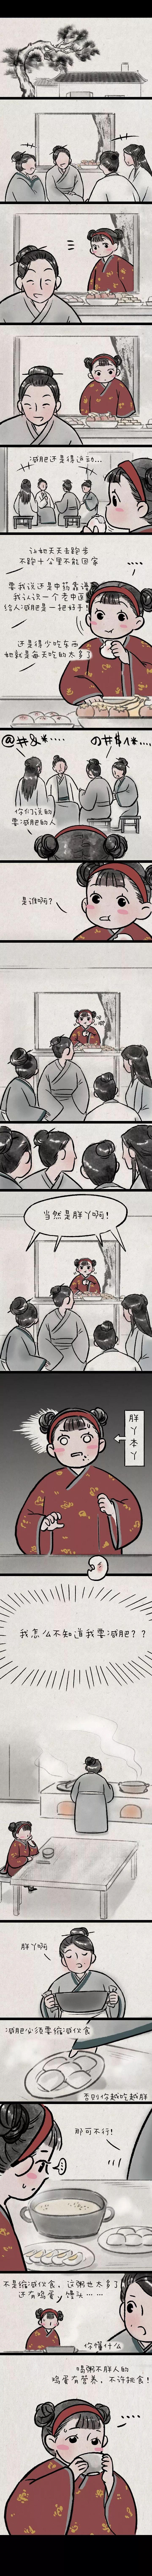 減肥_侵權